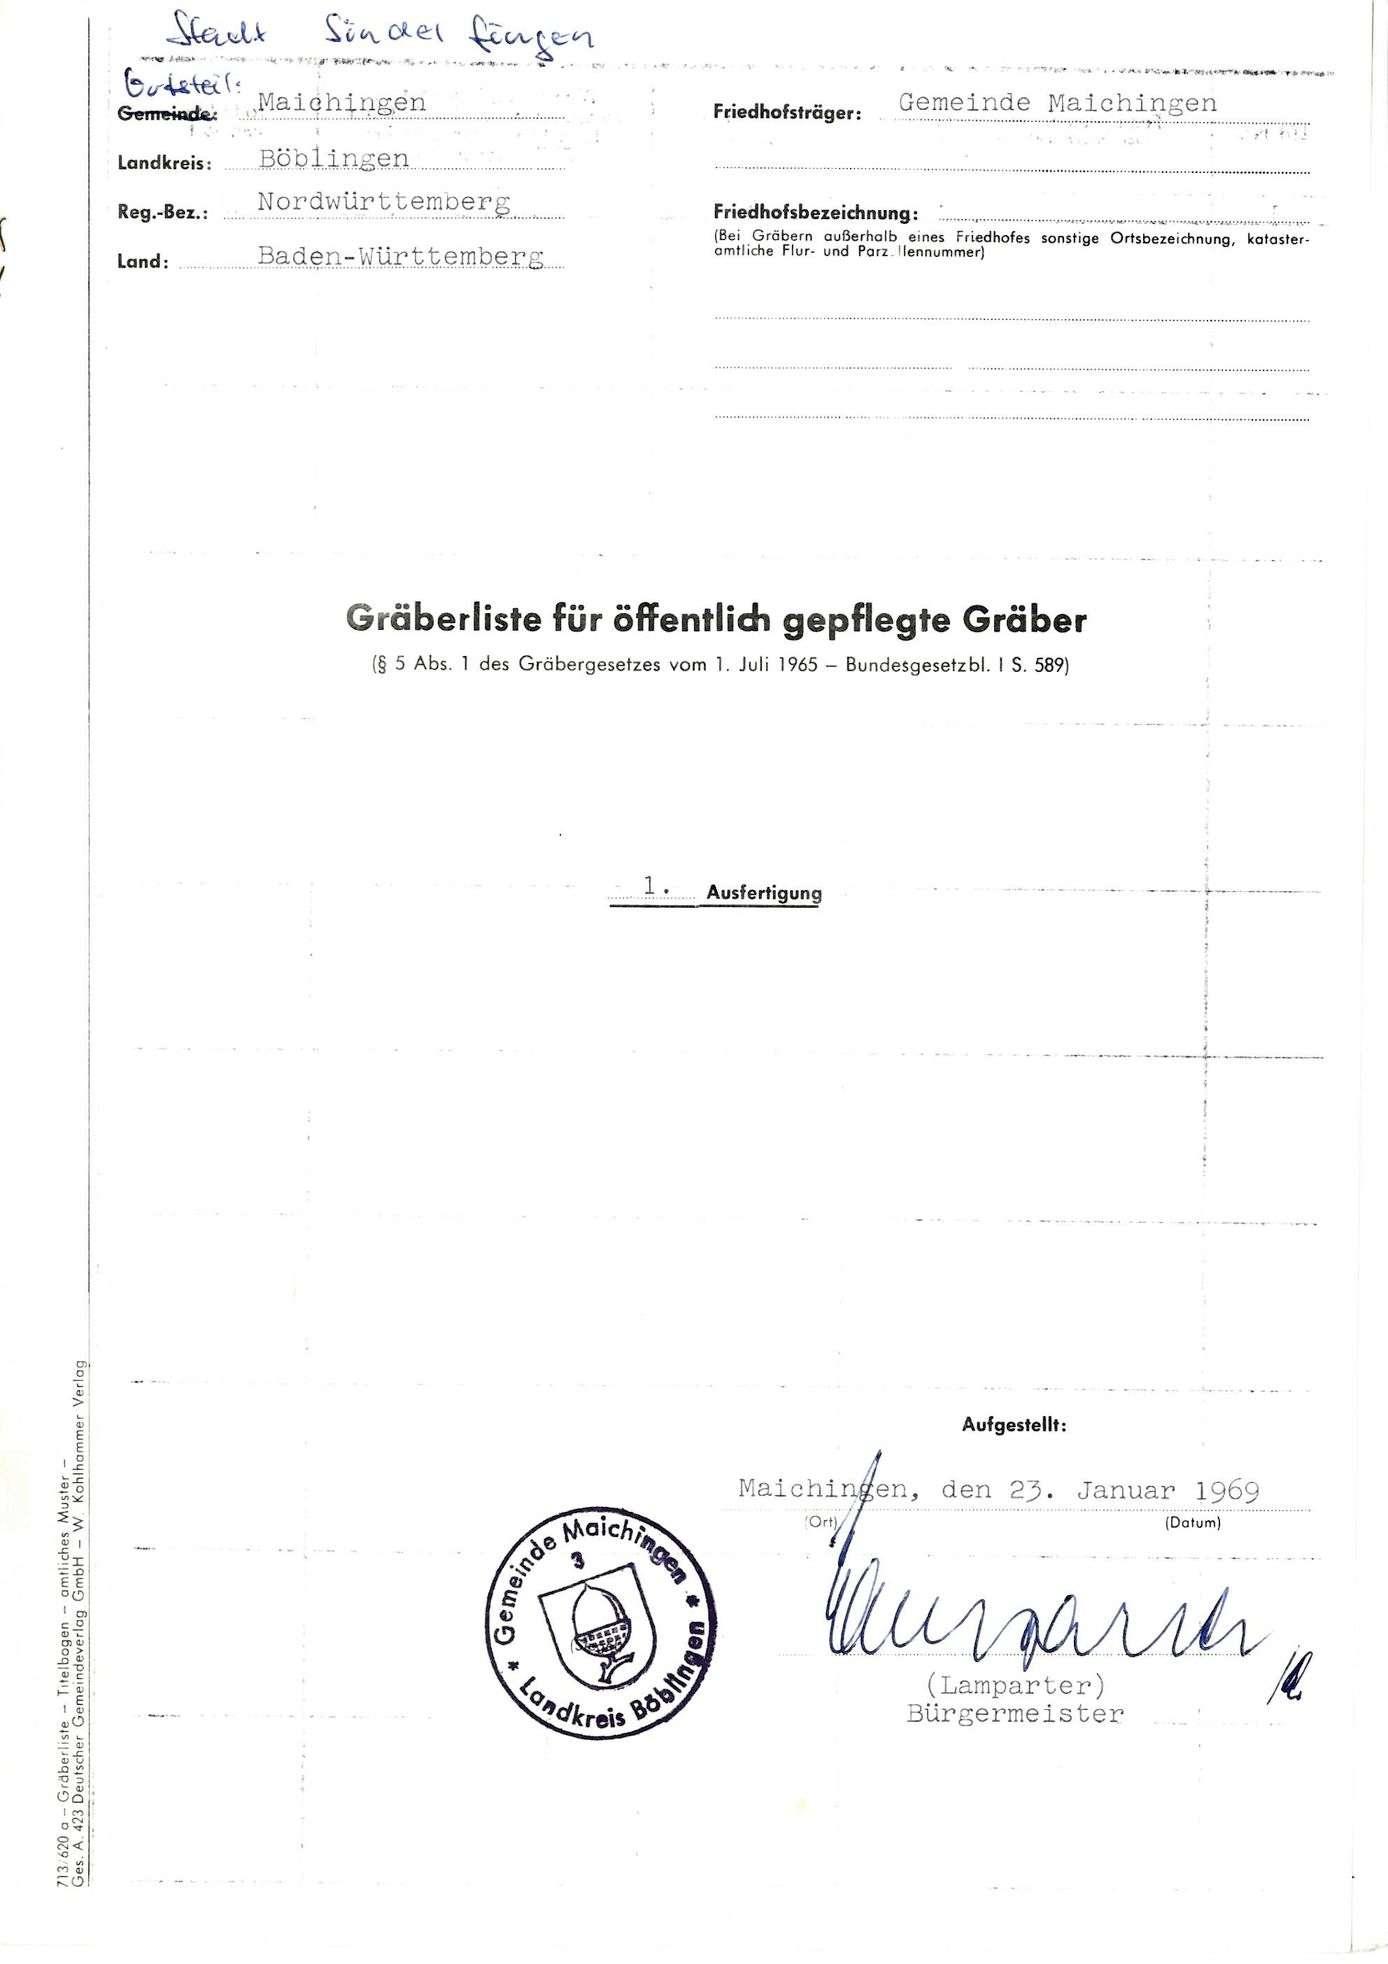 Maichingen, Bild 1